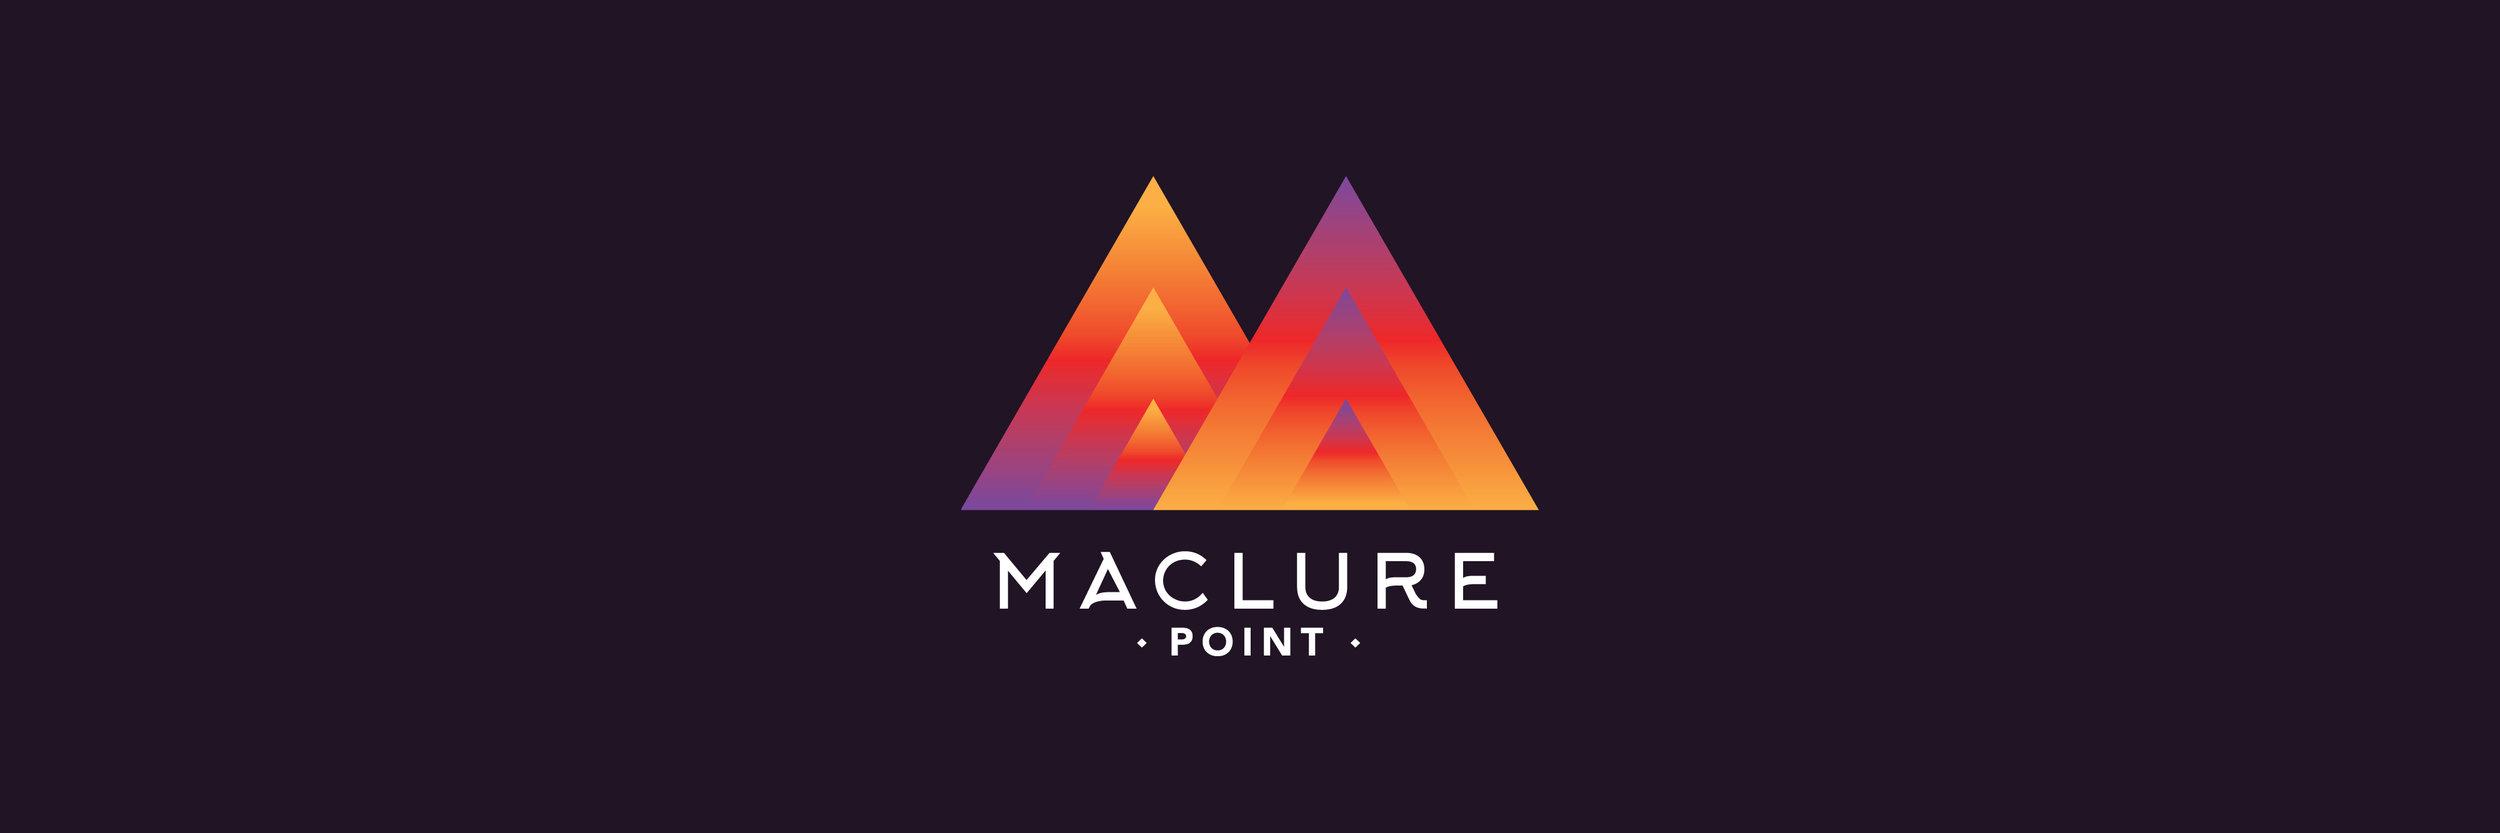 maclure-point.jpg